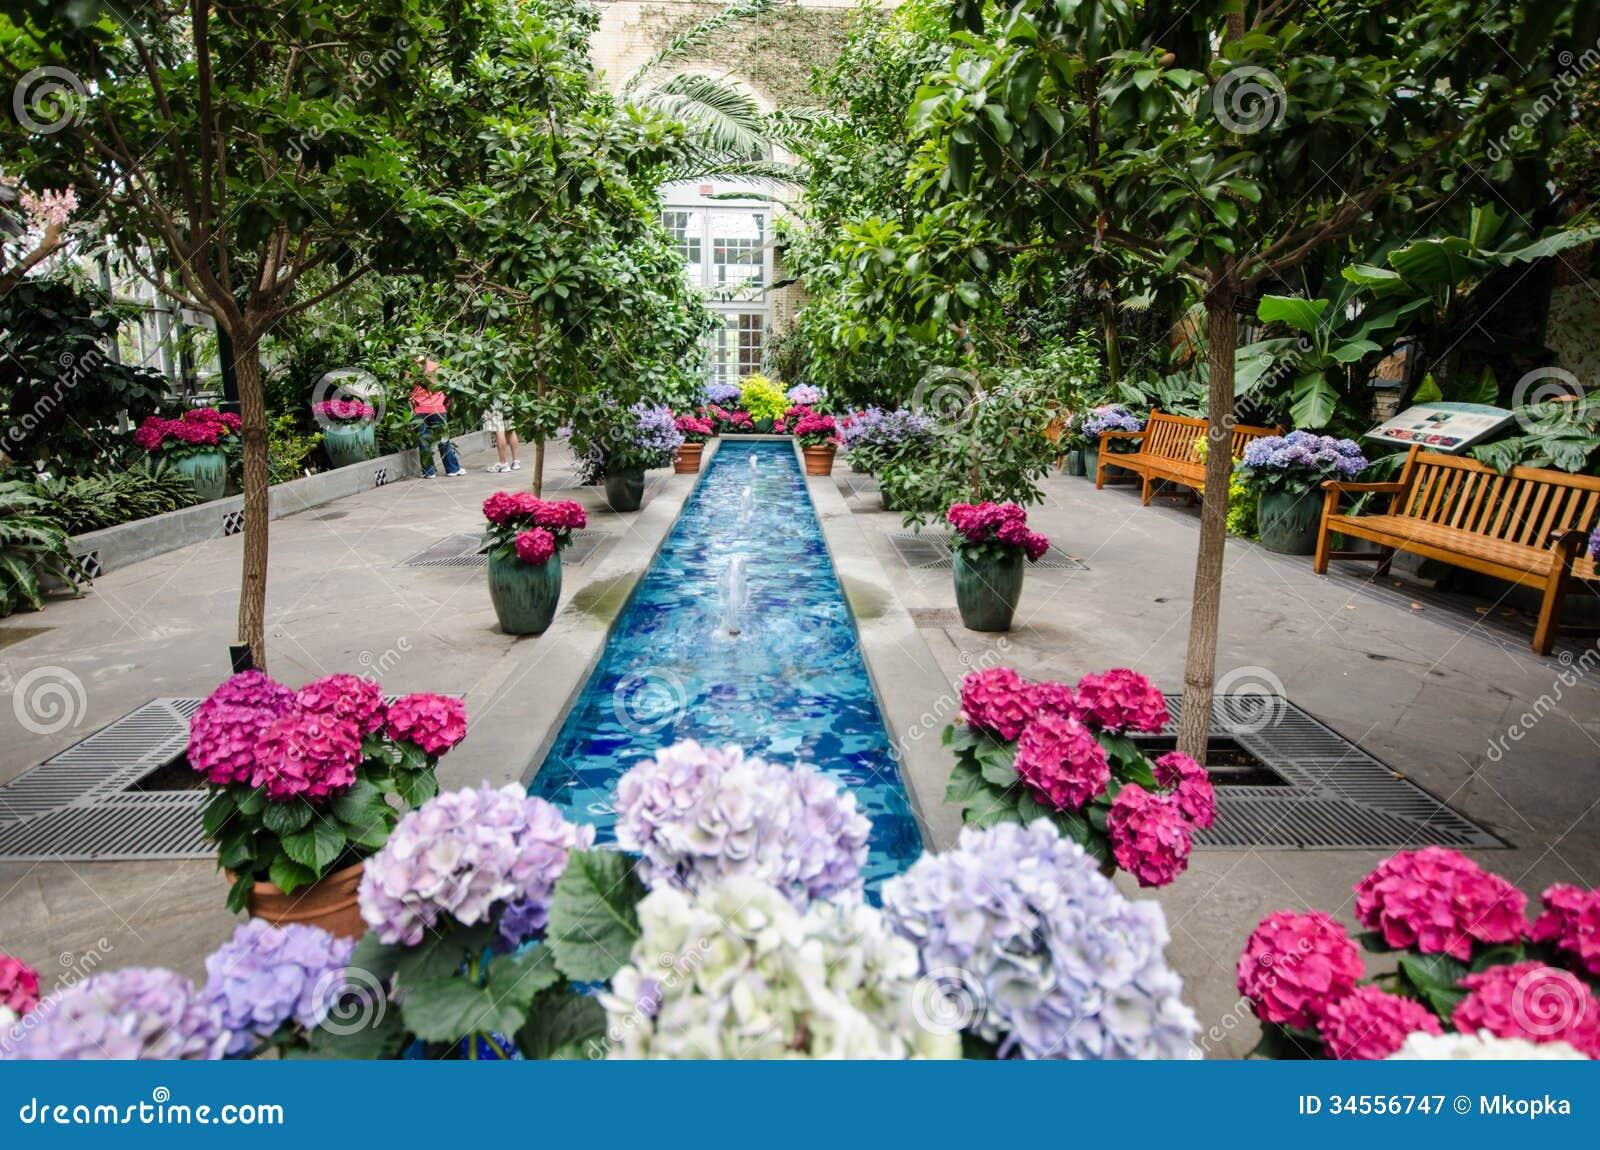 inside the united states botanical garden stock image - image